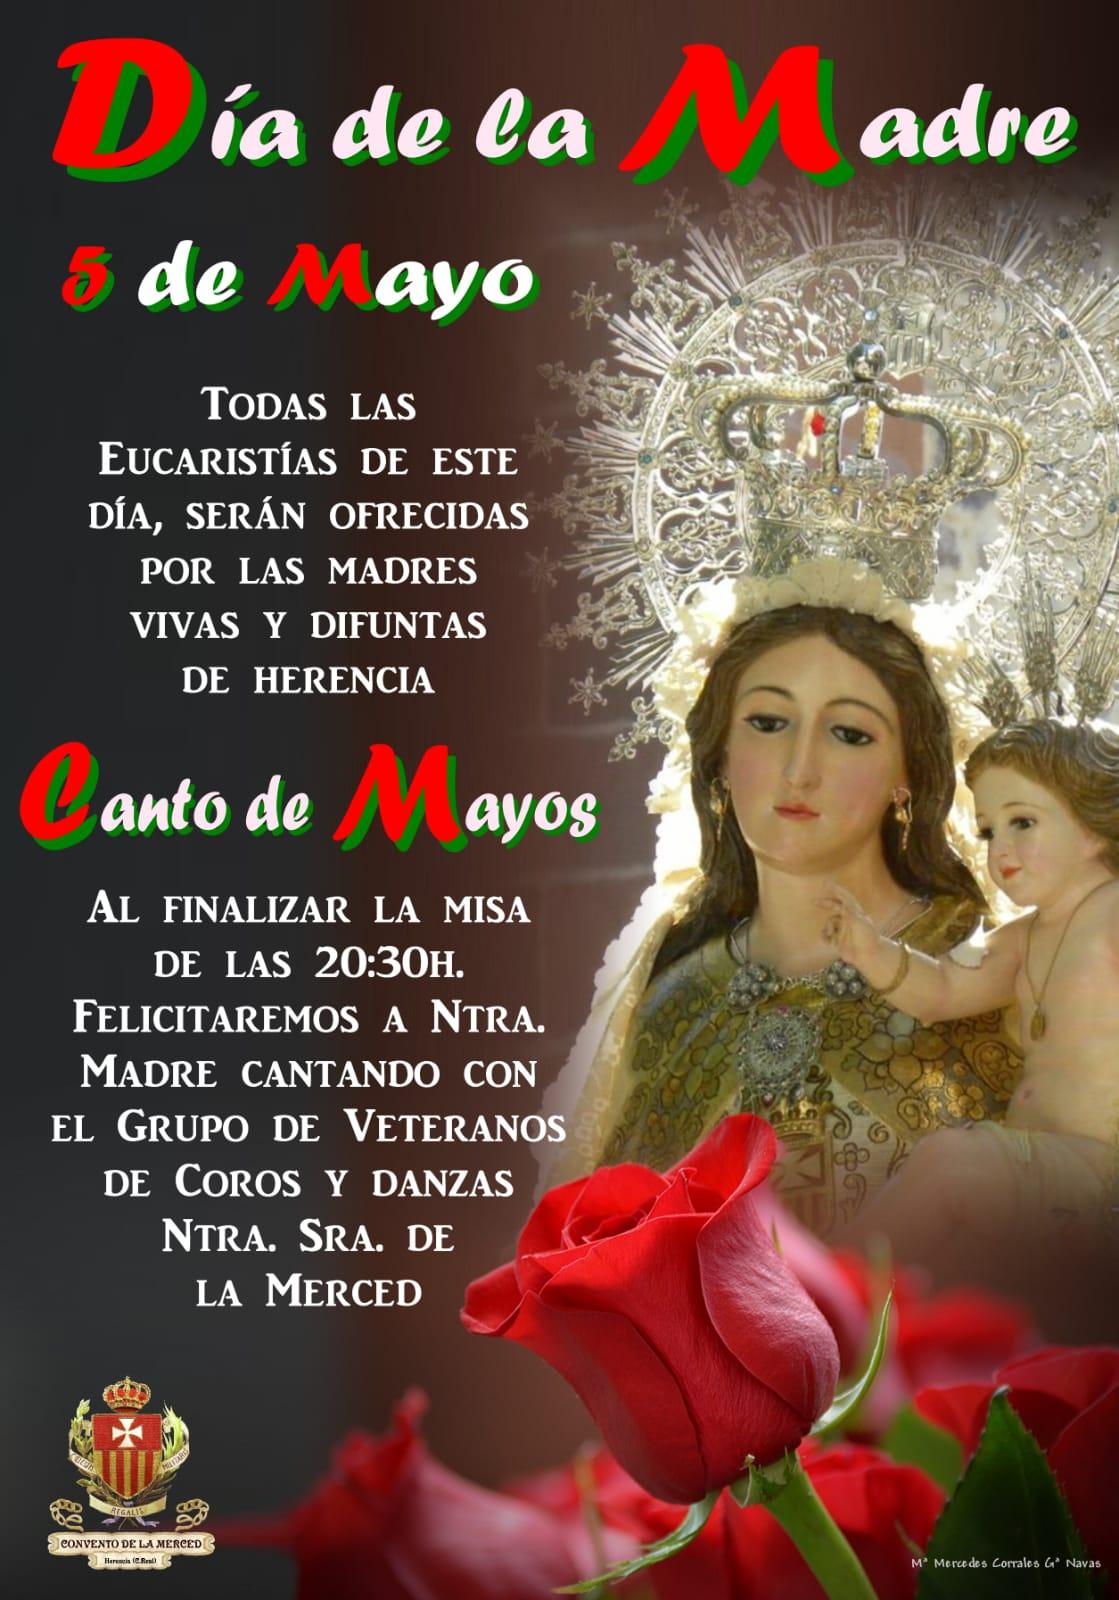 Celebraciones religiosas en la parroquia y el convento con motivo del Día de la Madre 10